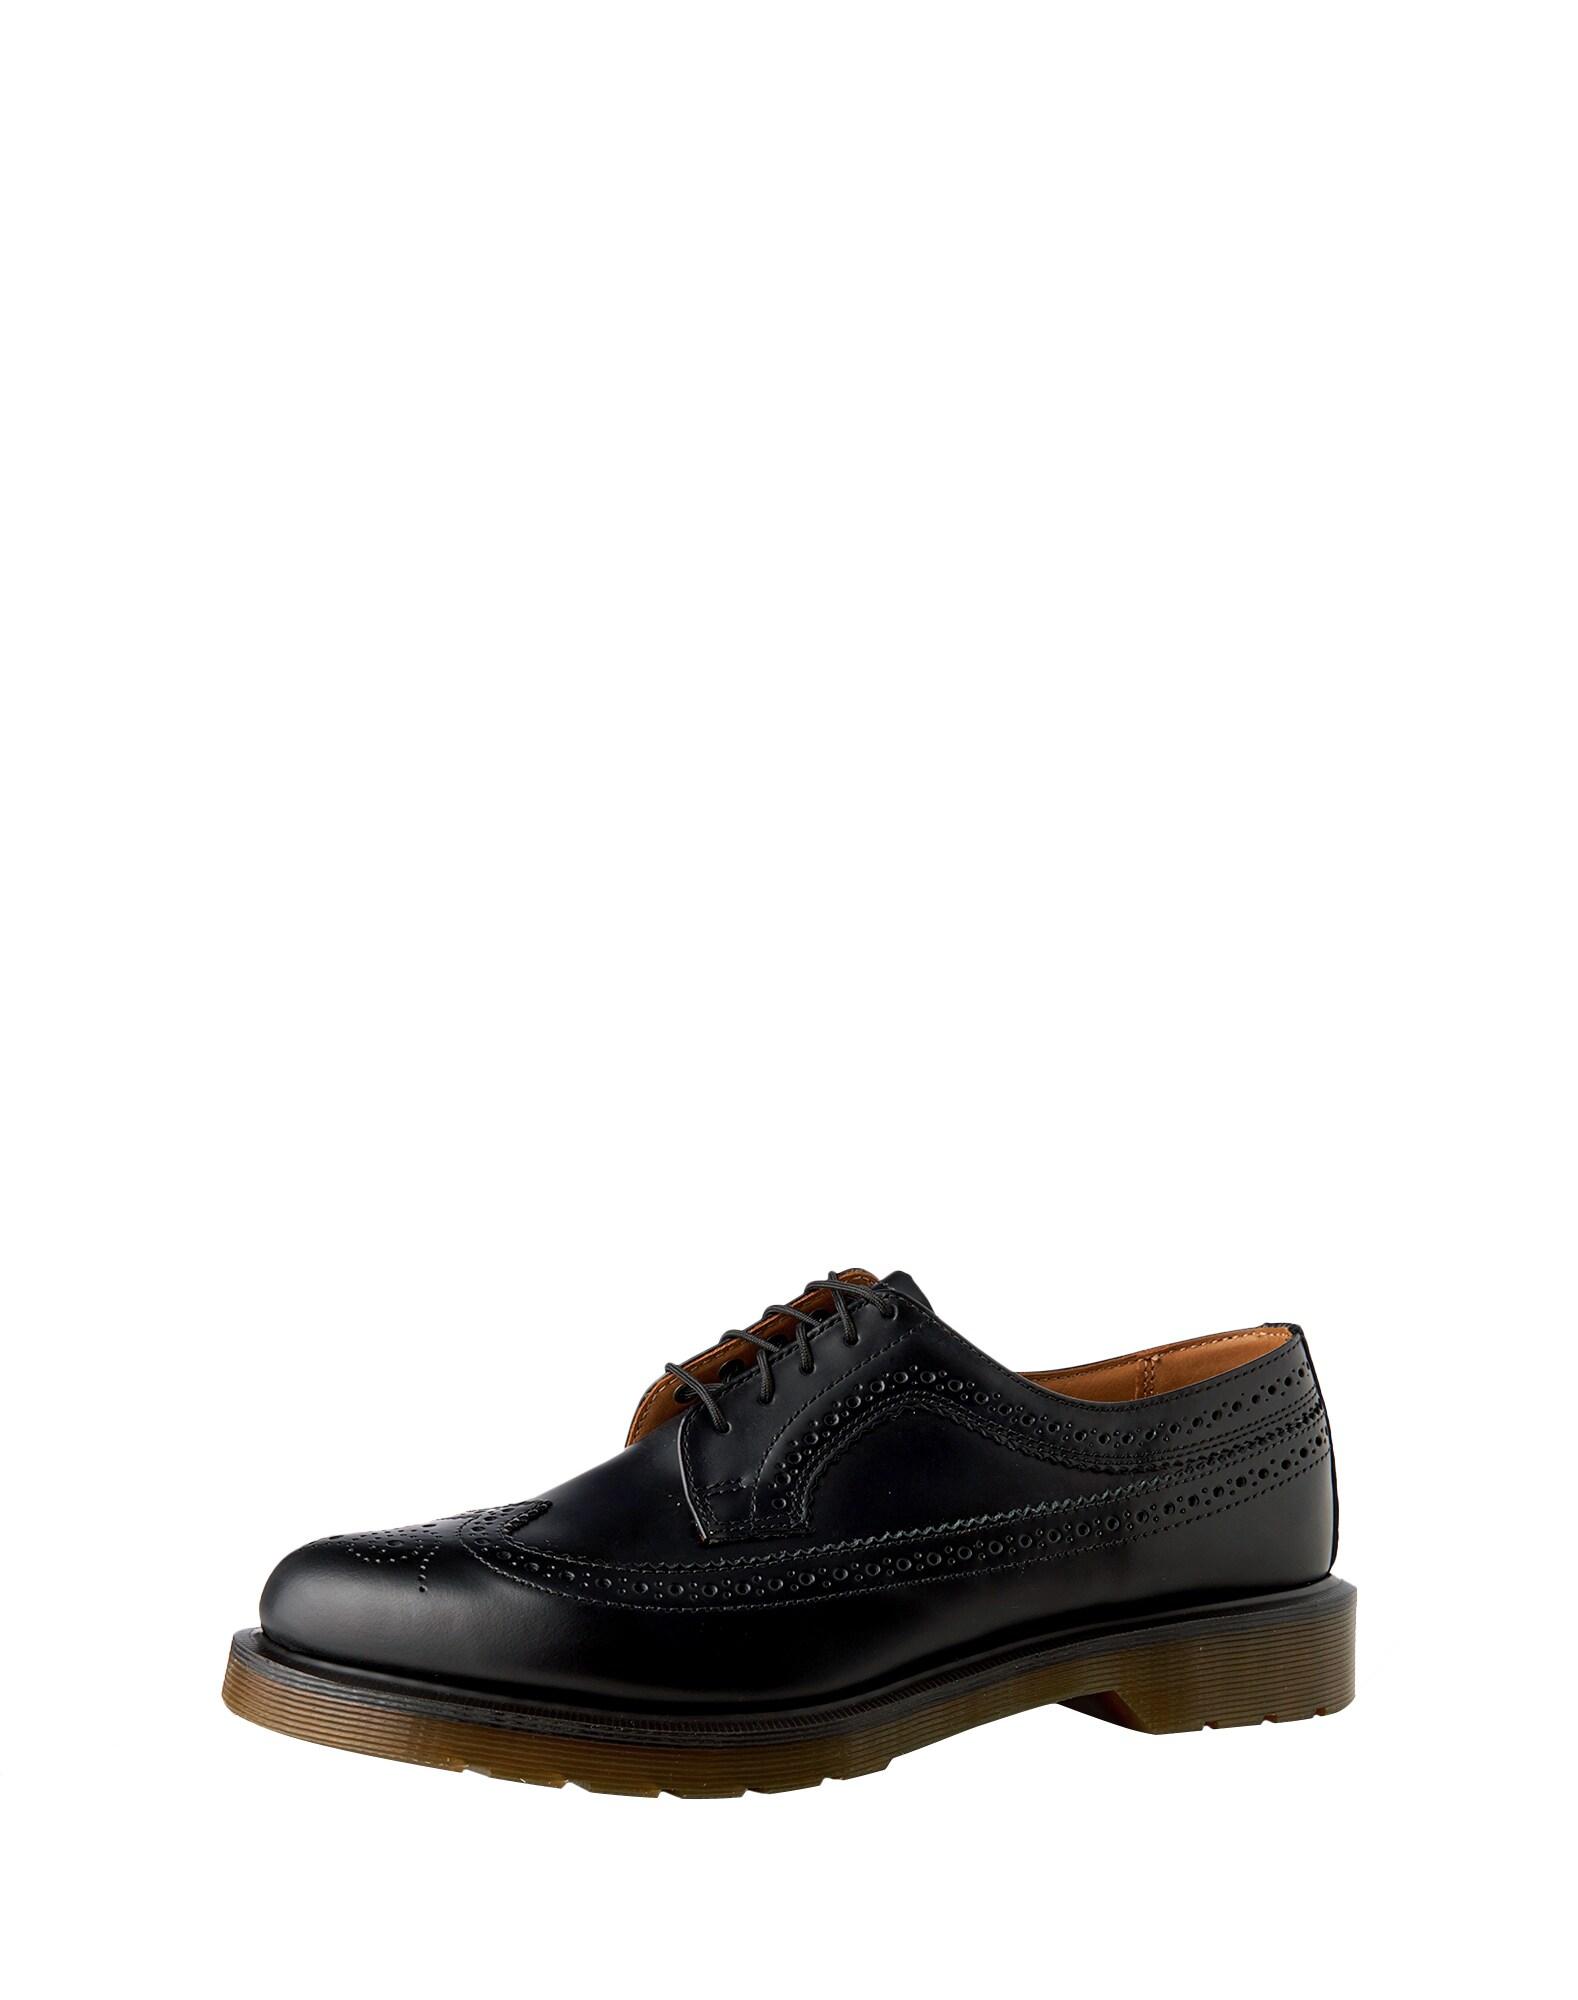 Šněrovací boty 3989 59 Last Brogue hnědá černá Dr. Martens